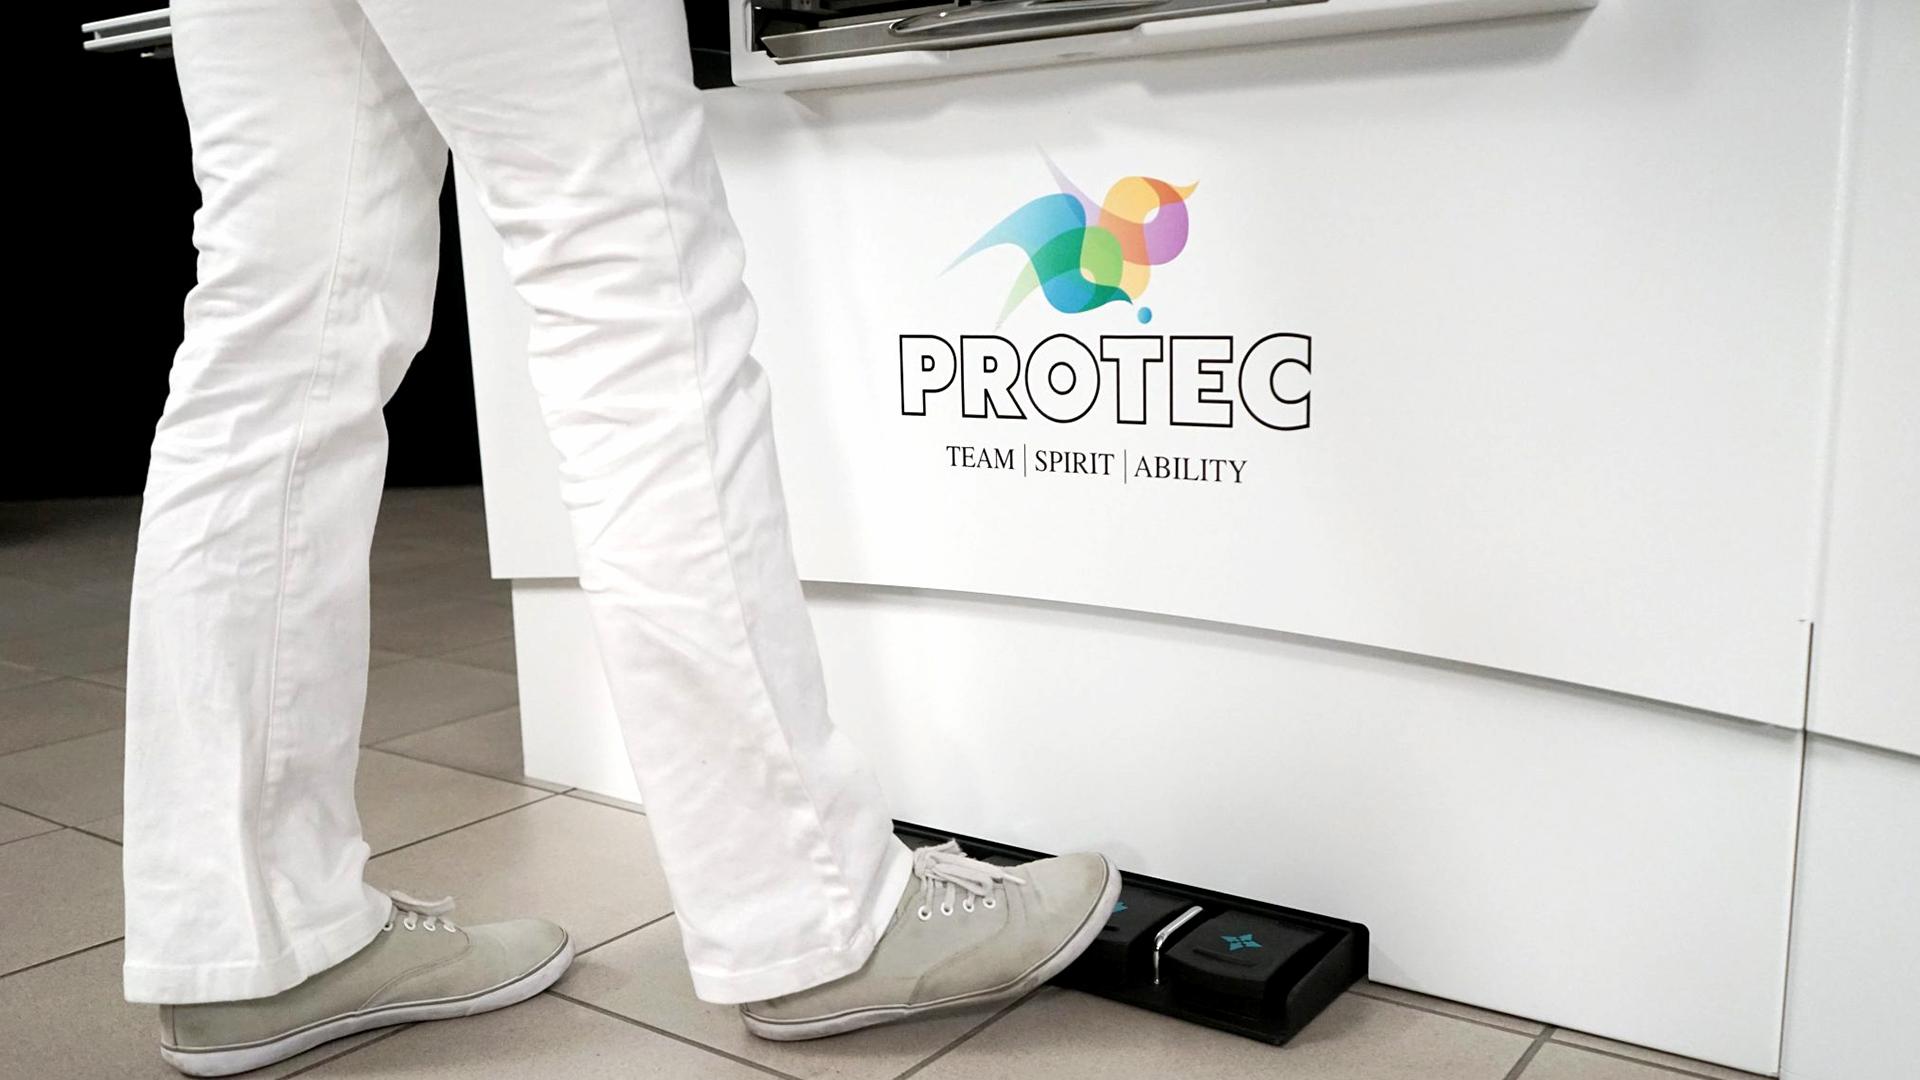 Röntgentechnik Bodengeführte Anlagen: protec PRS 500 F